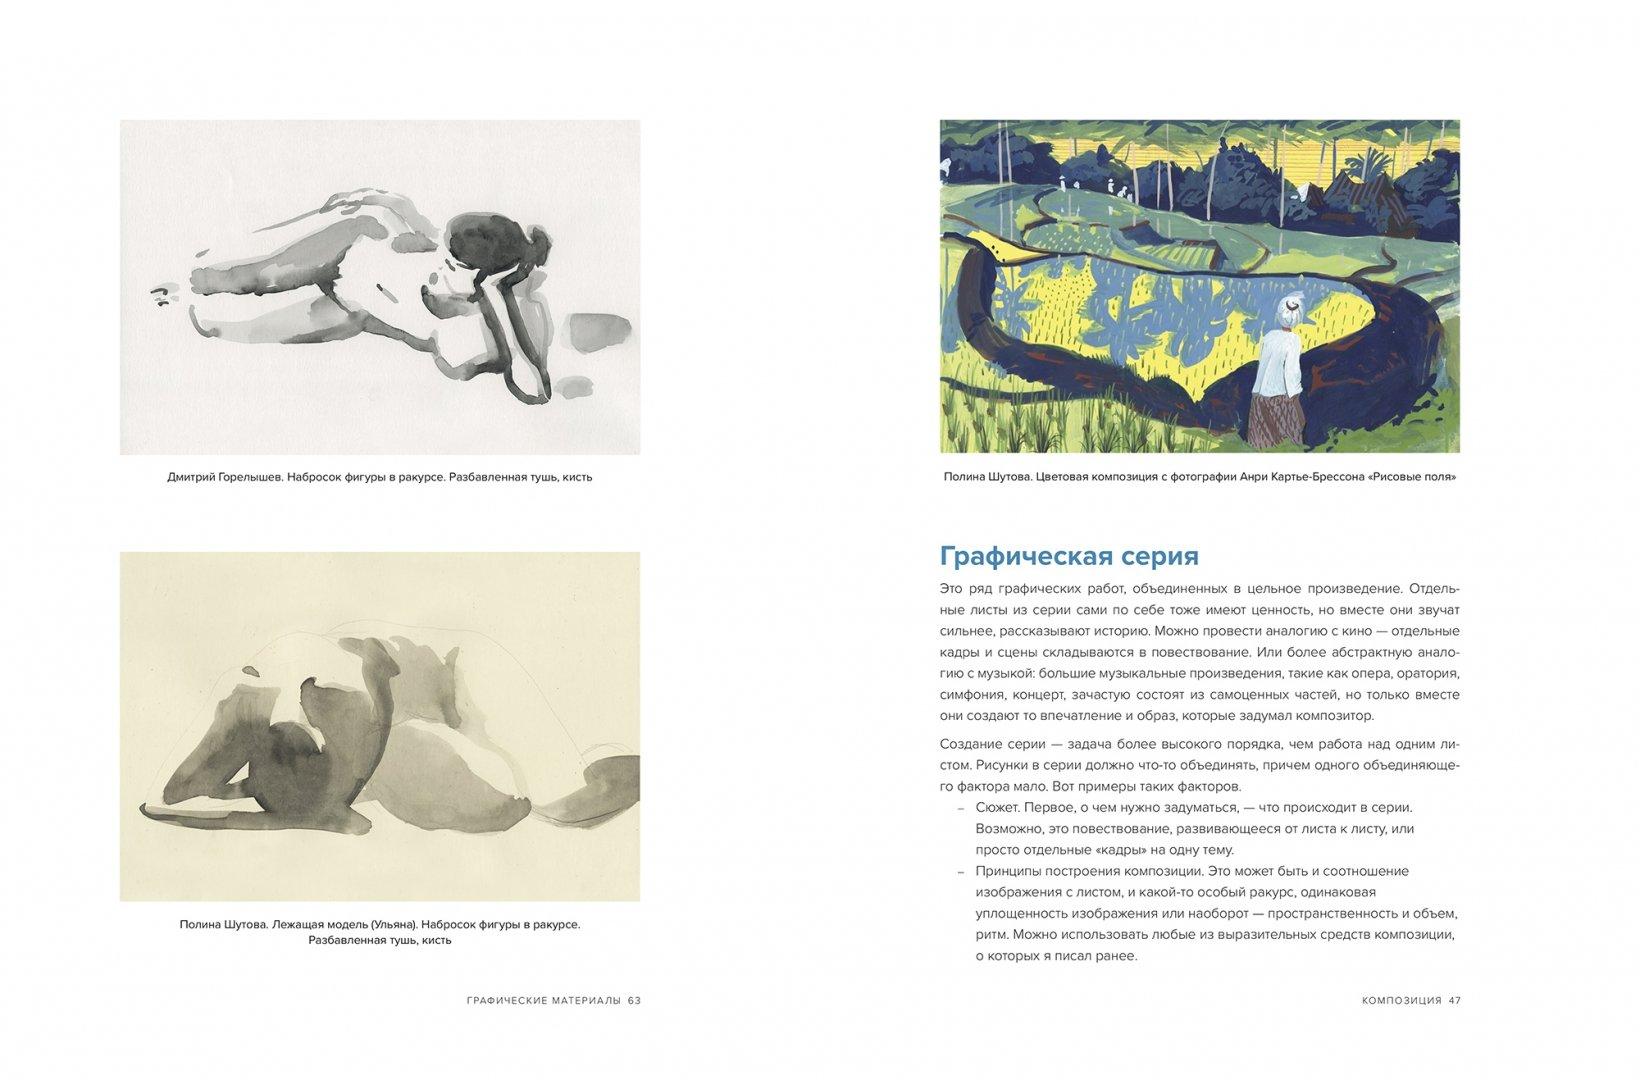 Иллюстрация 6 из 33 для Простое рисование. Упражнения для развития и поддержания самостоятельной рисовальной практики - Дмитрий Горелышев | Лабиринт - книги. Источник: Лабиринт